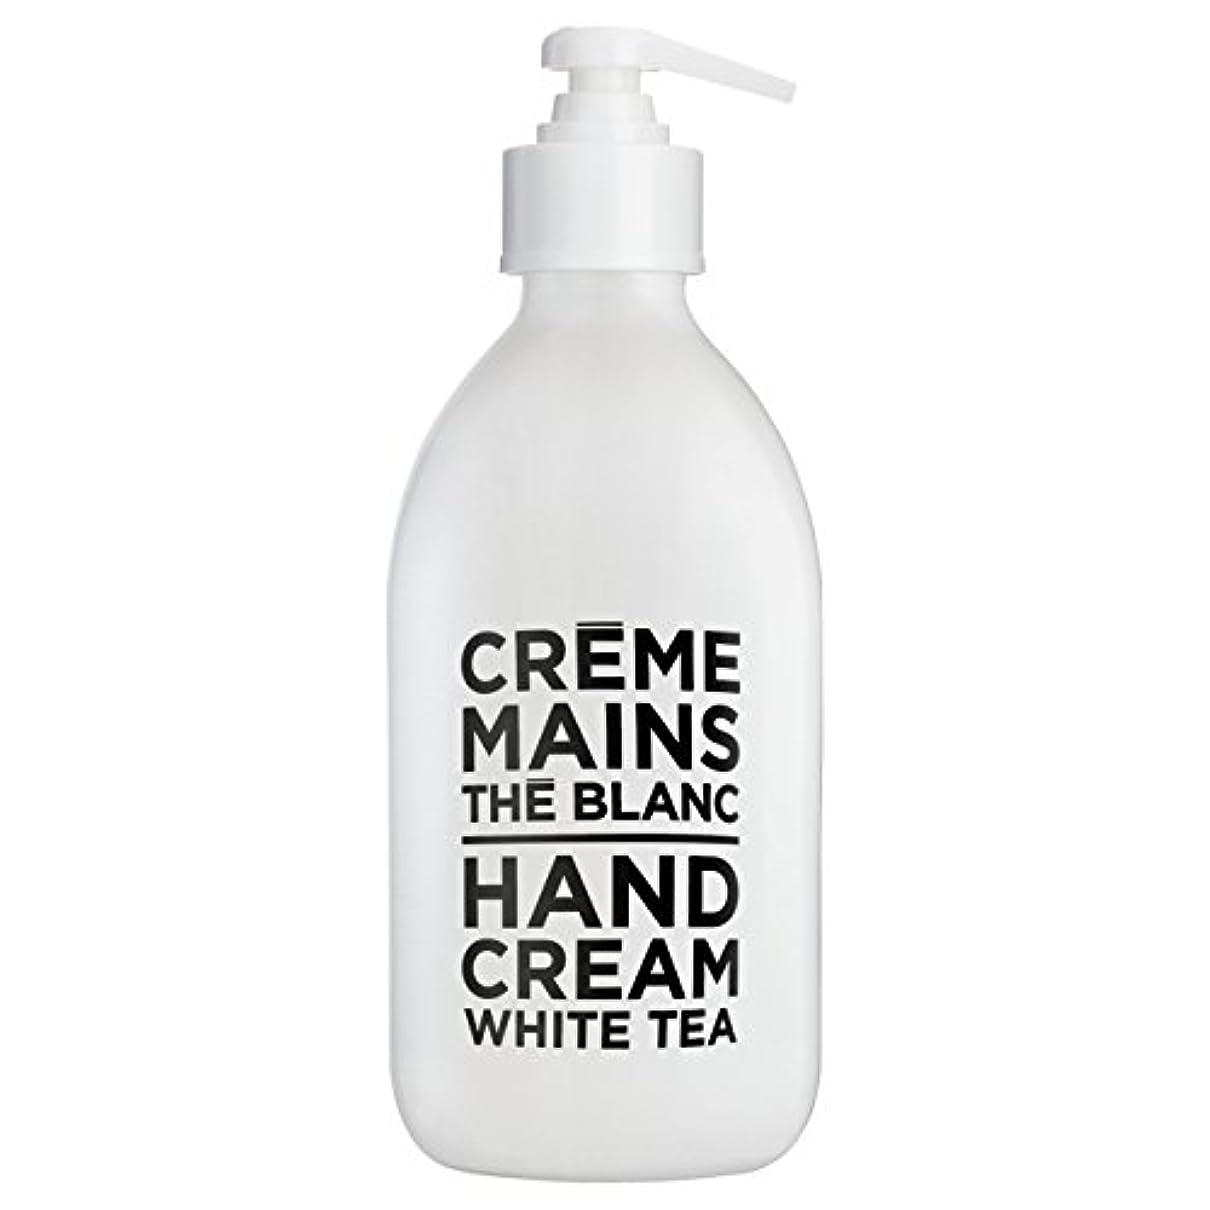 の配列手を差し伸べる農学カンパニードプロバンス ブラック&ホワイト ハンドクリーム ホワイトティー(ホワイトティーにシトラスを添えた気品ある香り) 300ml